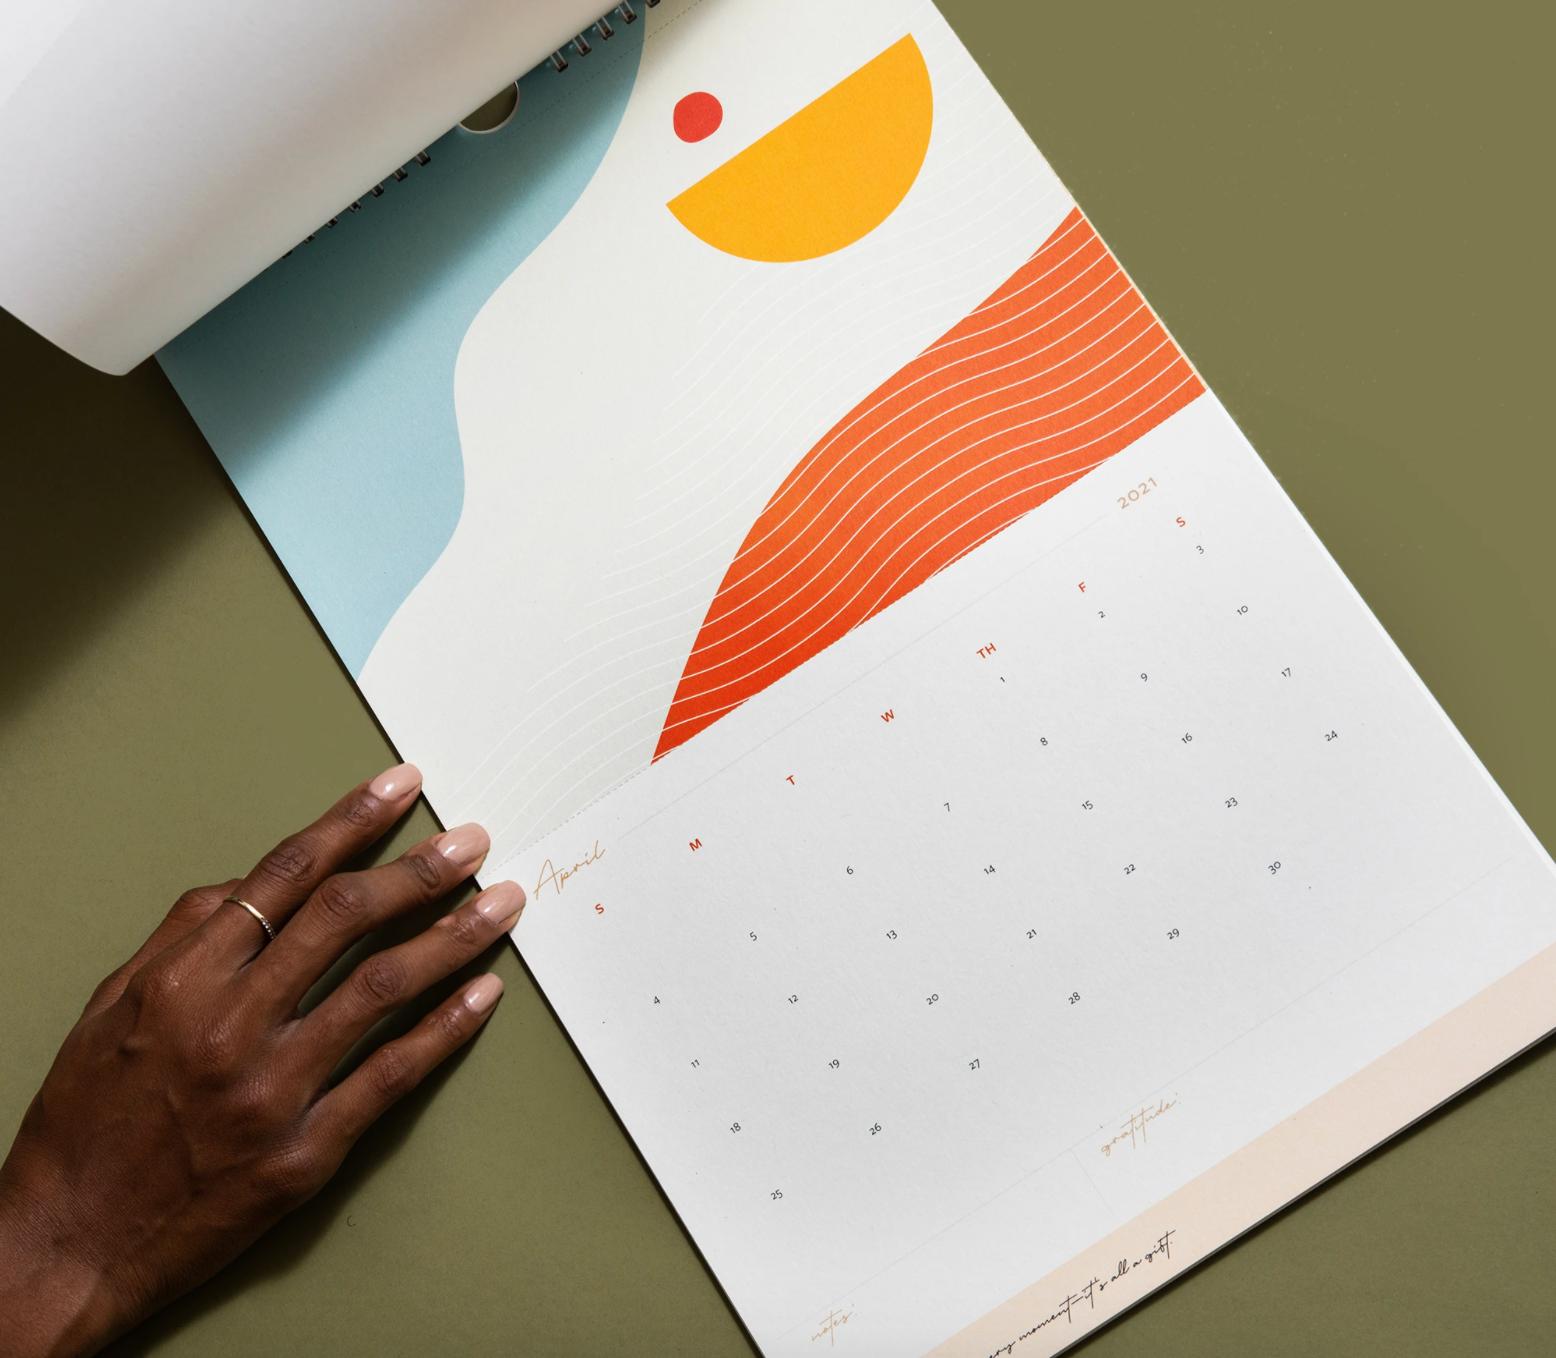 A hand is touching a calendar